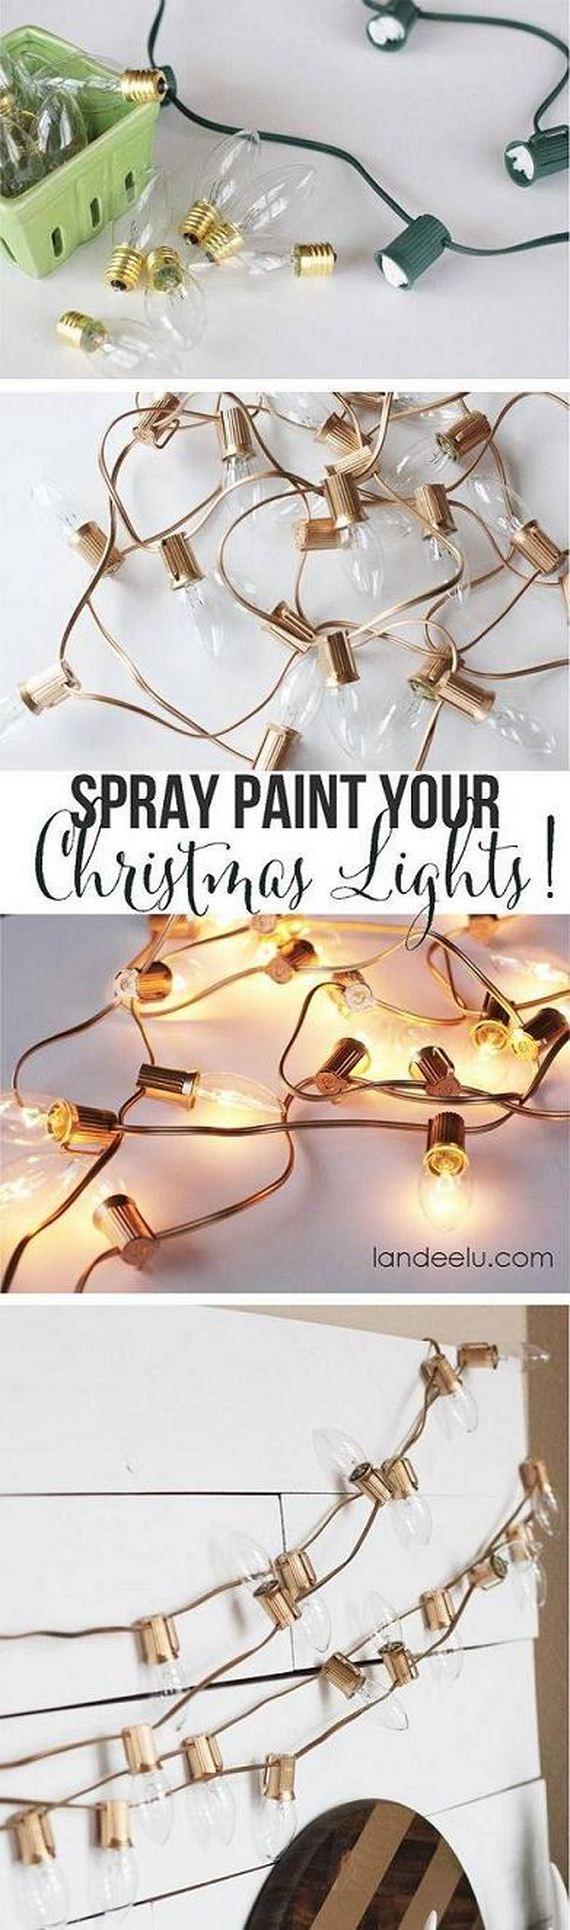 50-creative-spray-paint-diy